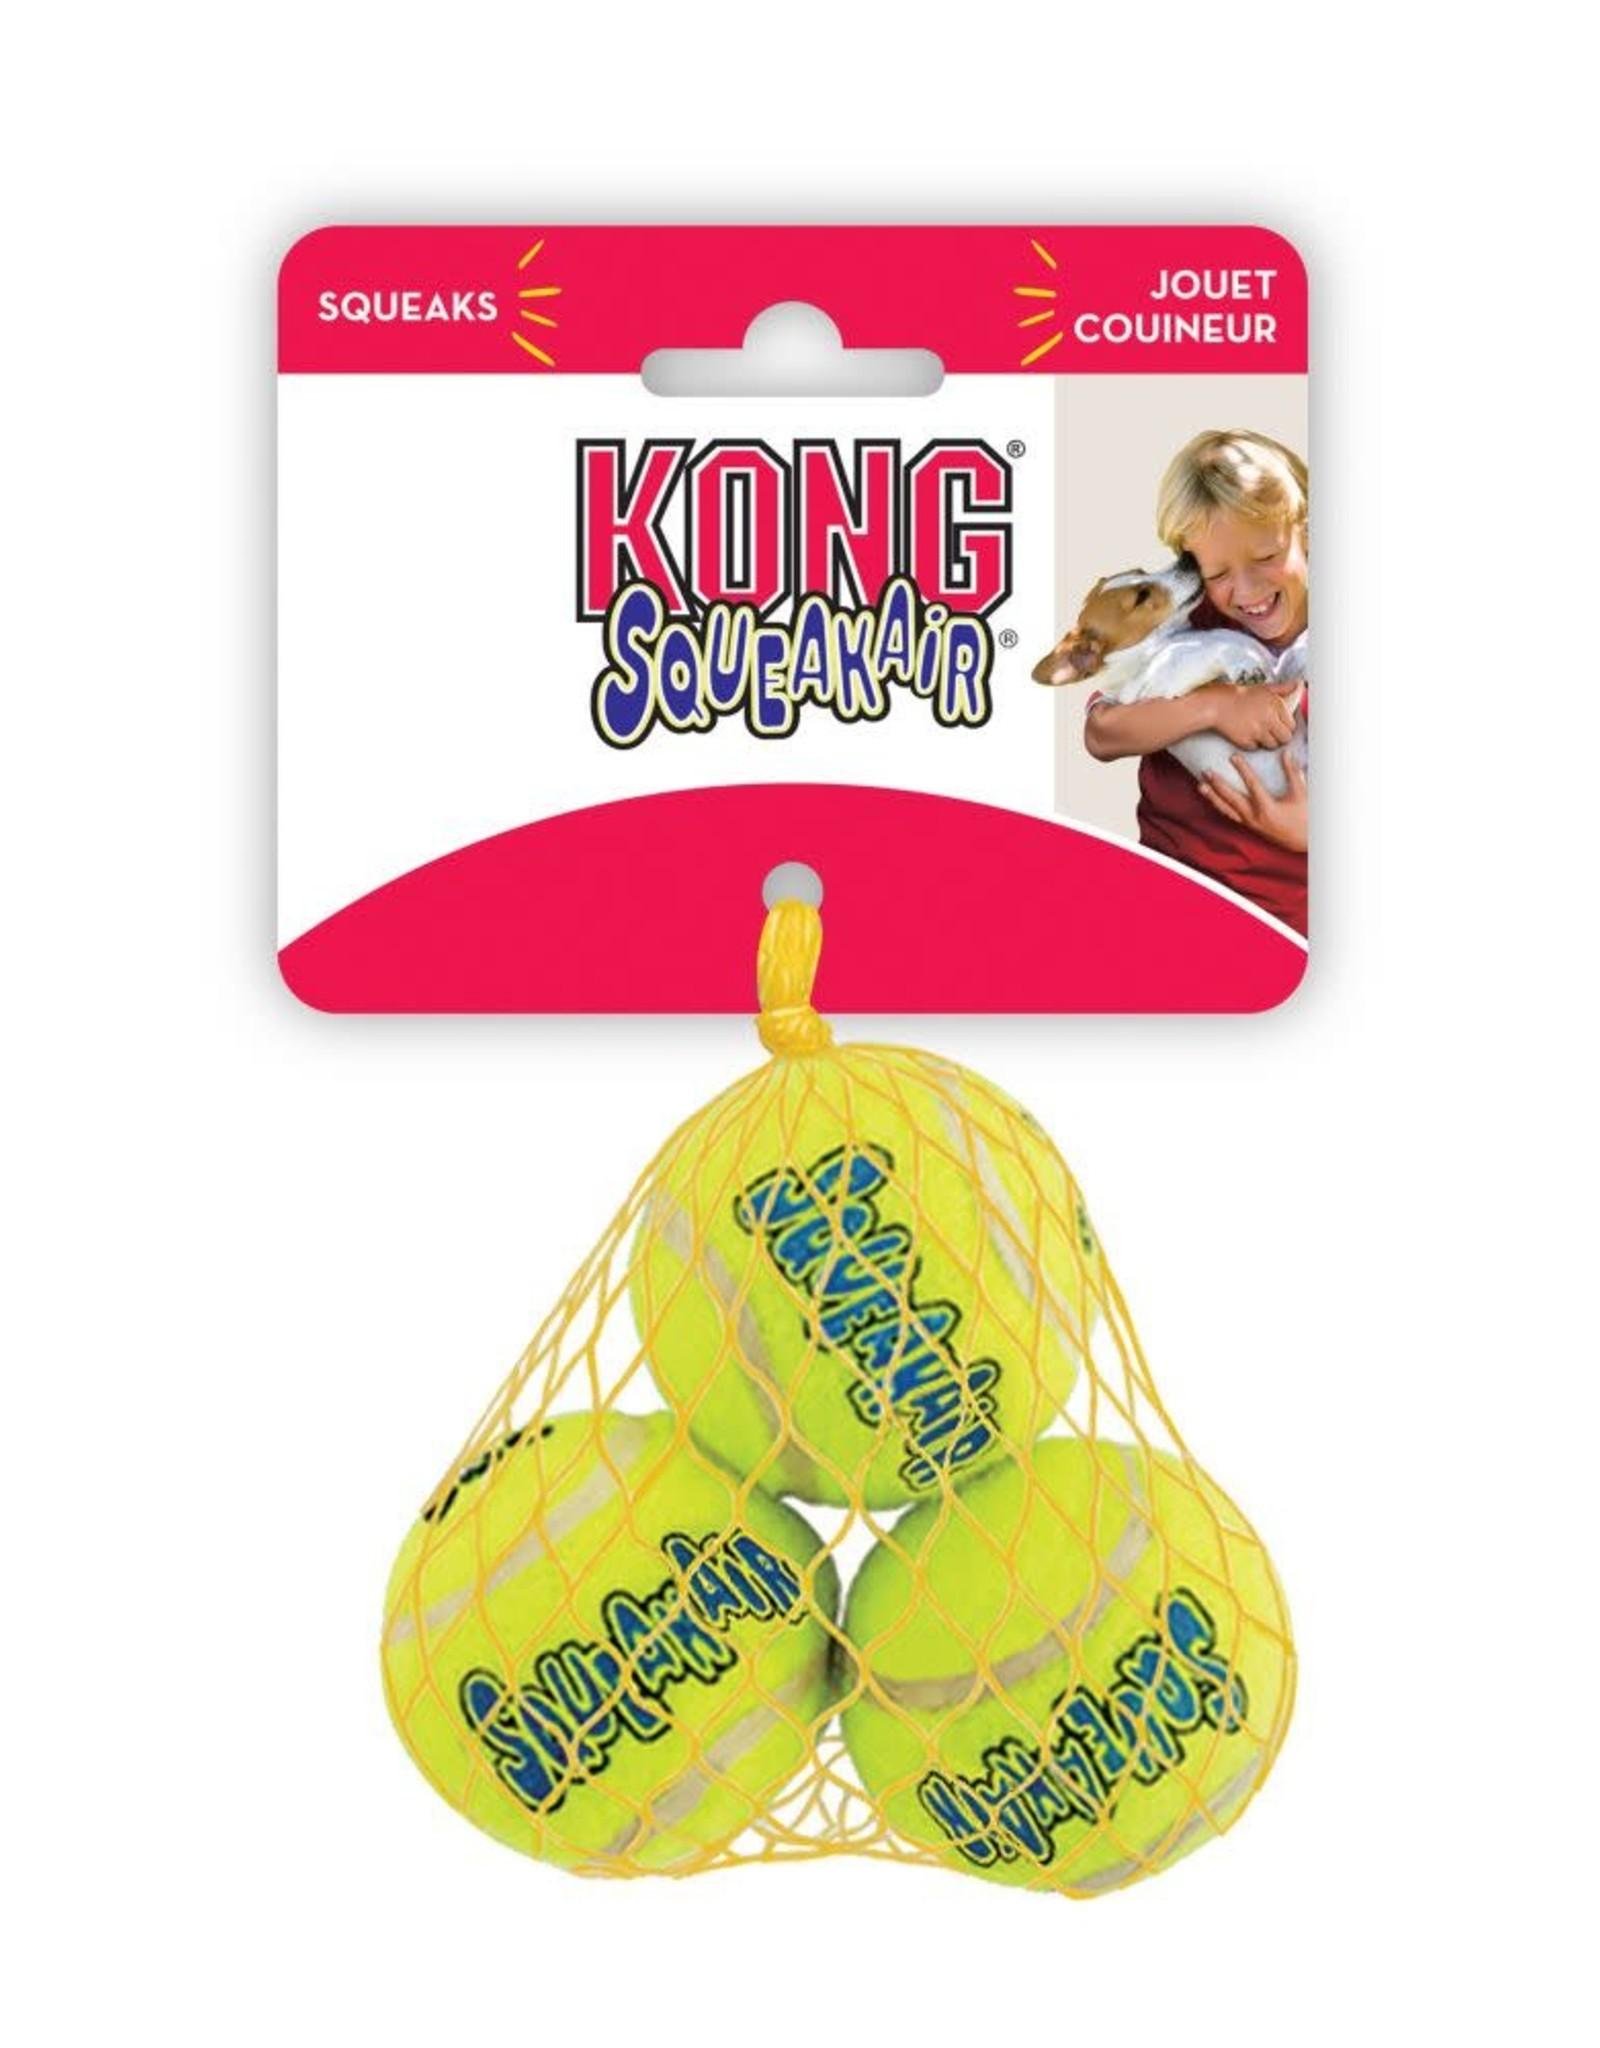 Kong SqueakAir Tennis Balls